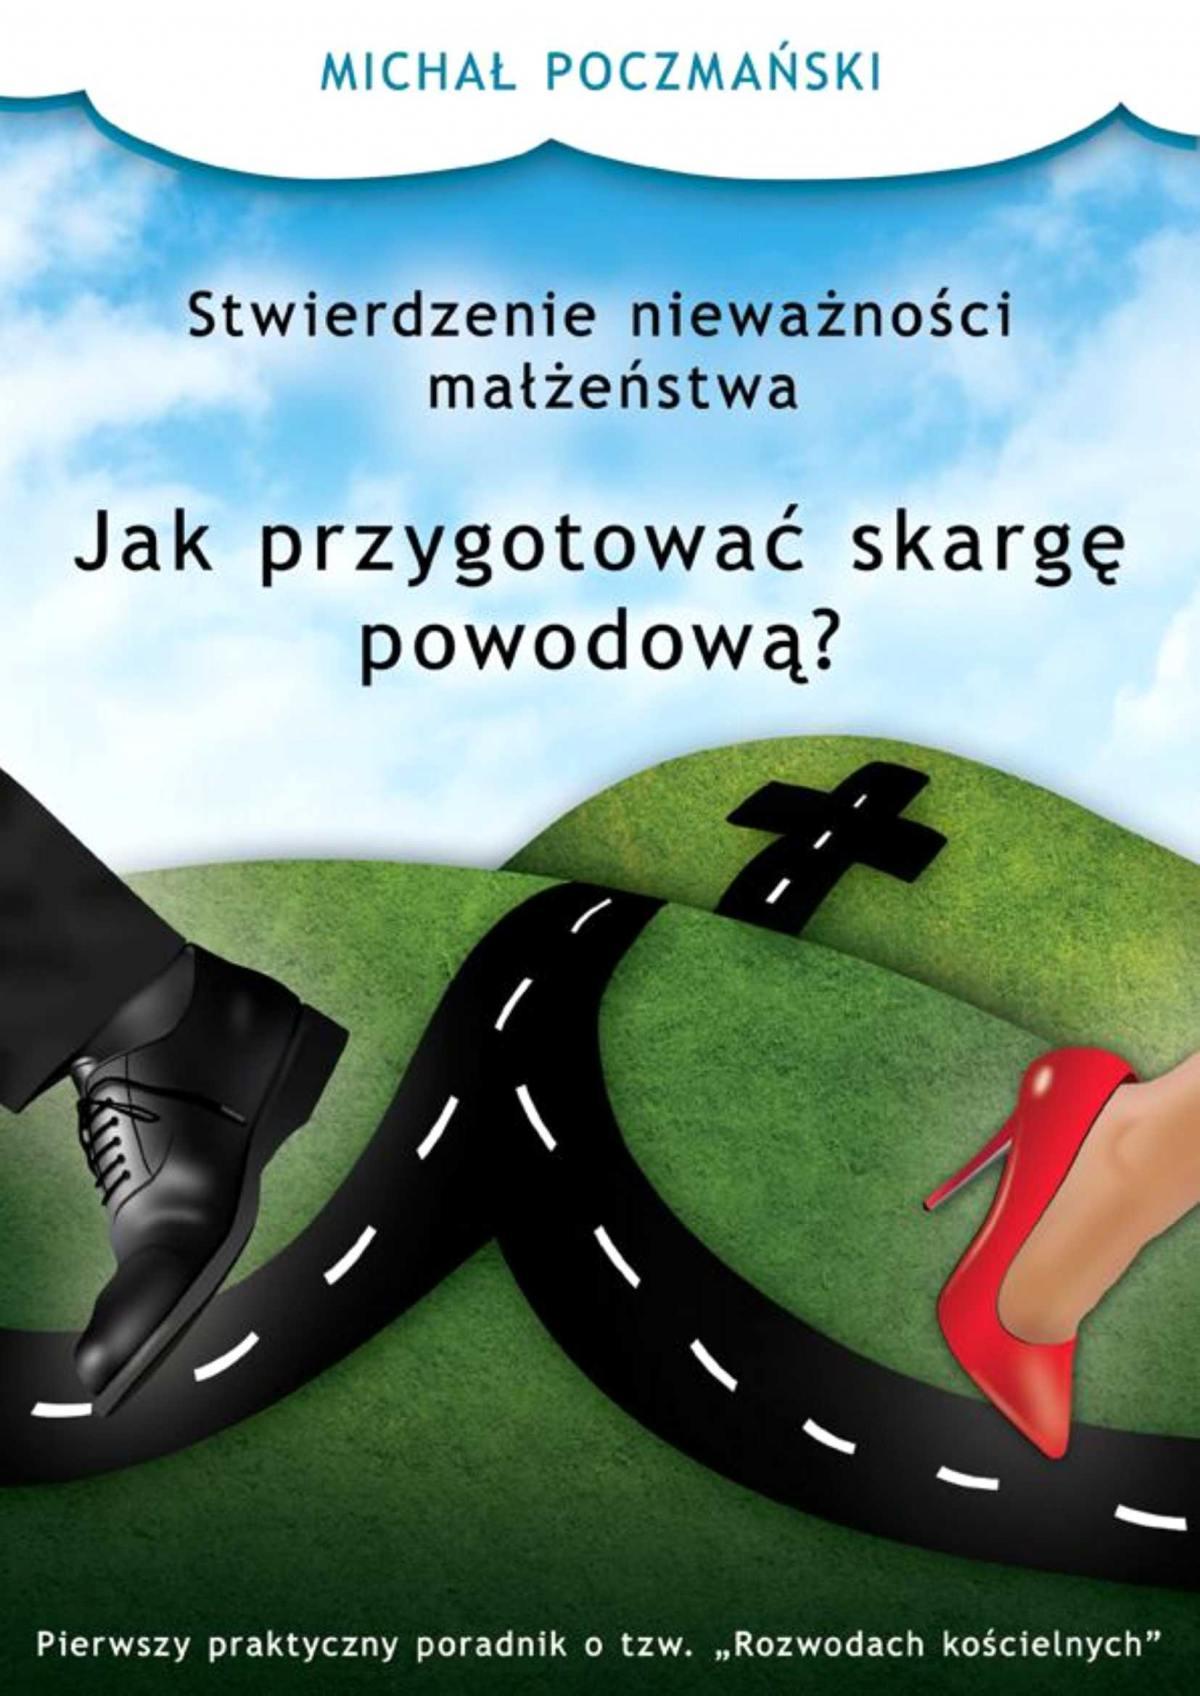 Stwierdzenie nieważności małżeństwa. Jak przygotować skargę powodową? - Ebook (Książka na Kindle) do pobrania w formacie MOBI